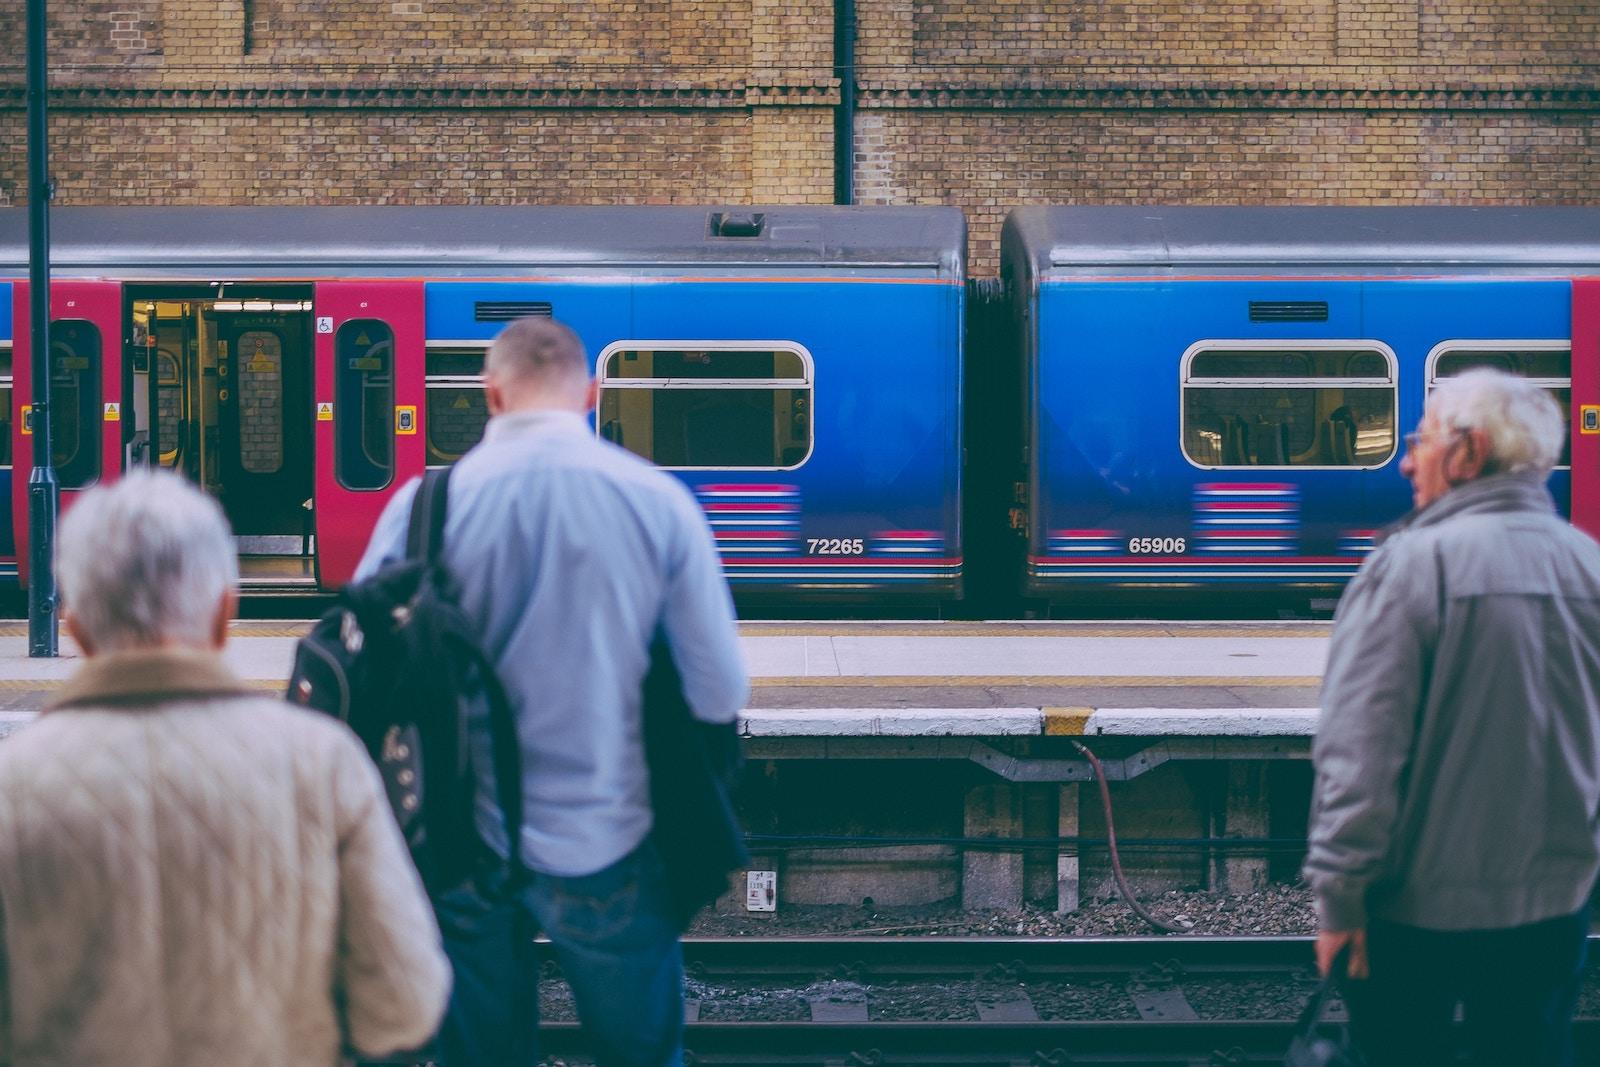 «Сяду у потяг, хай собі їде» — 7 безвізових країн ЄС для подорожей залізницею